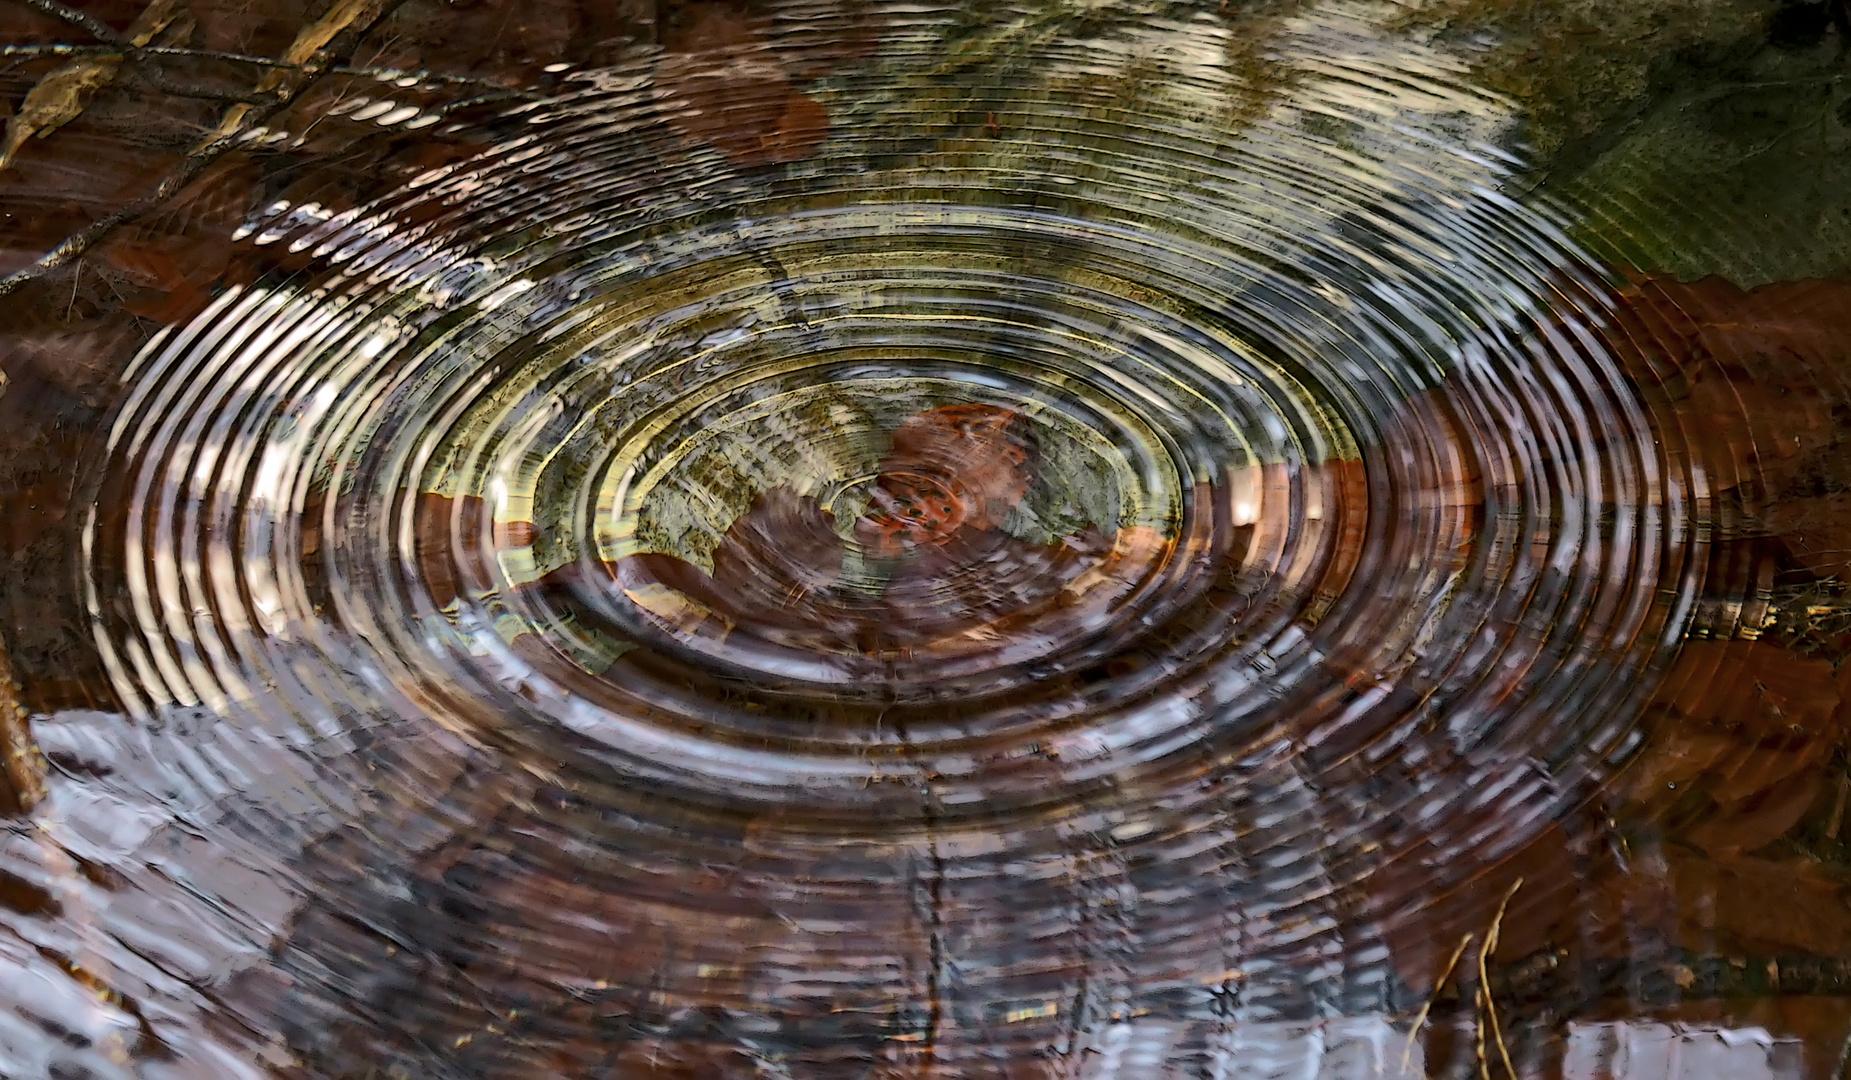 Kunstwerk der Tropfen, die ins Wasser gefallen sind. - L'art des gouttes tombées dans l'eau!